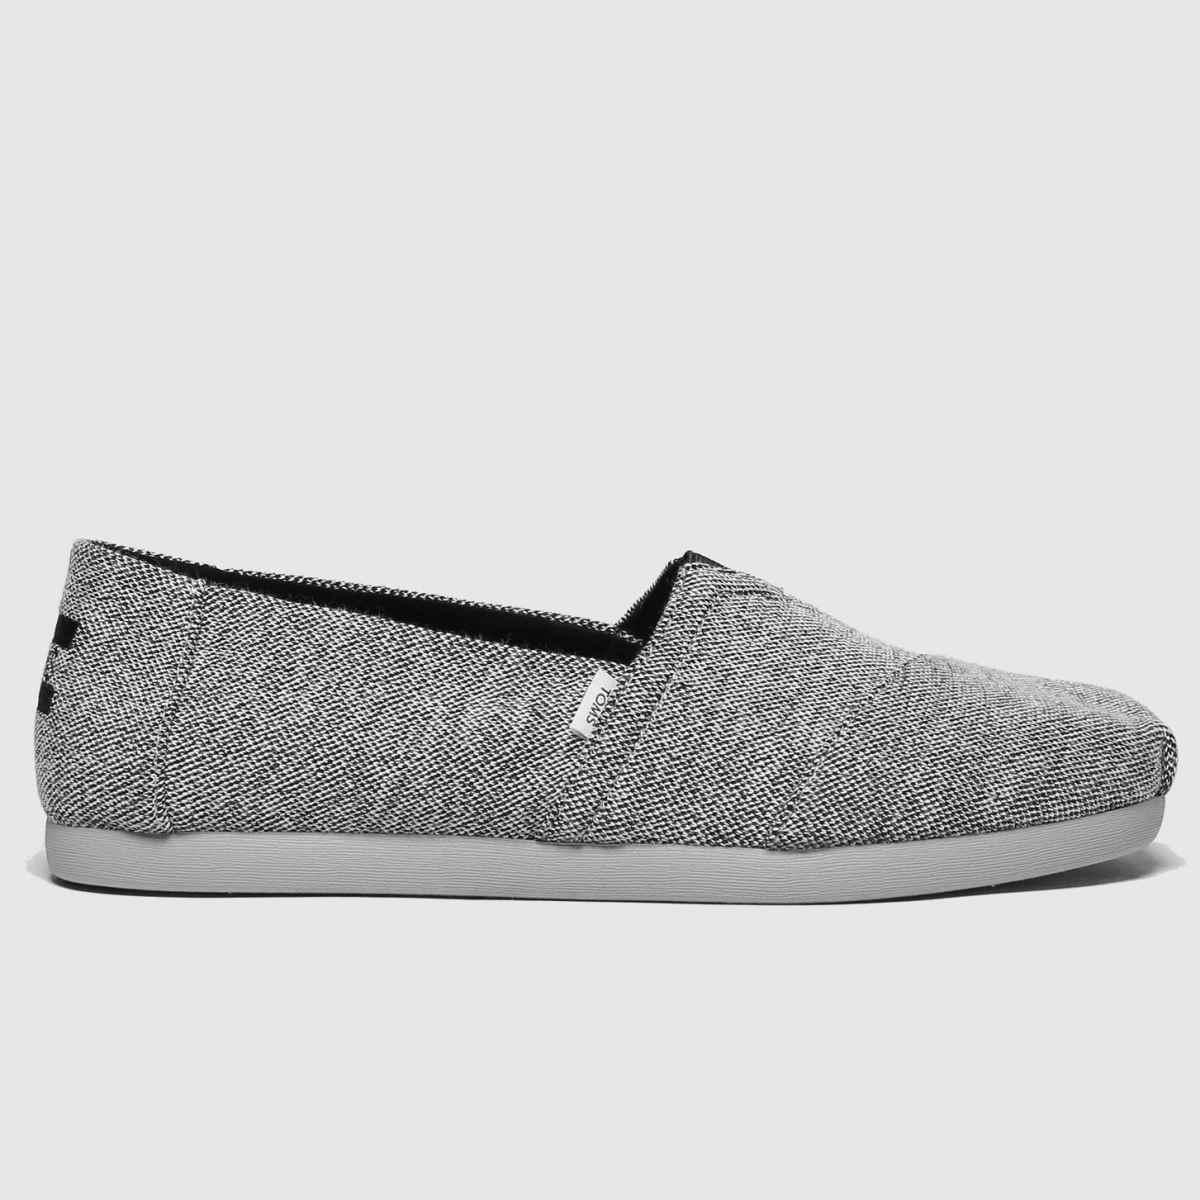 Toms Black Alpargata 3.0 Repreve Shoes